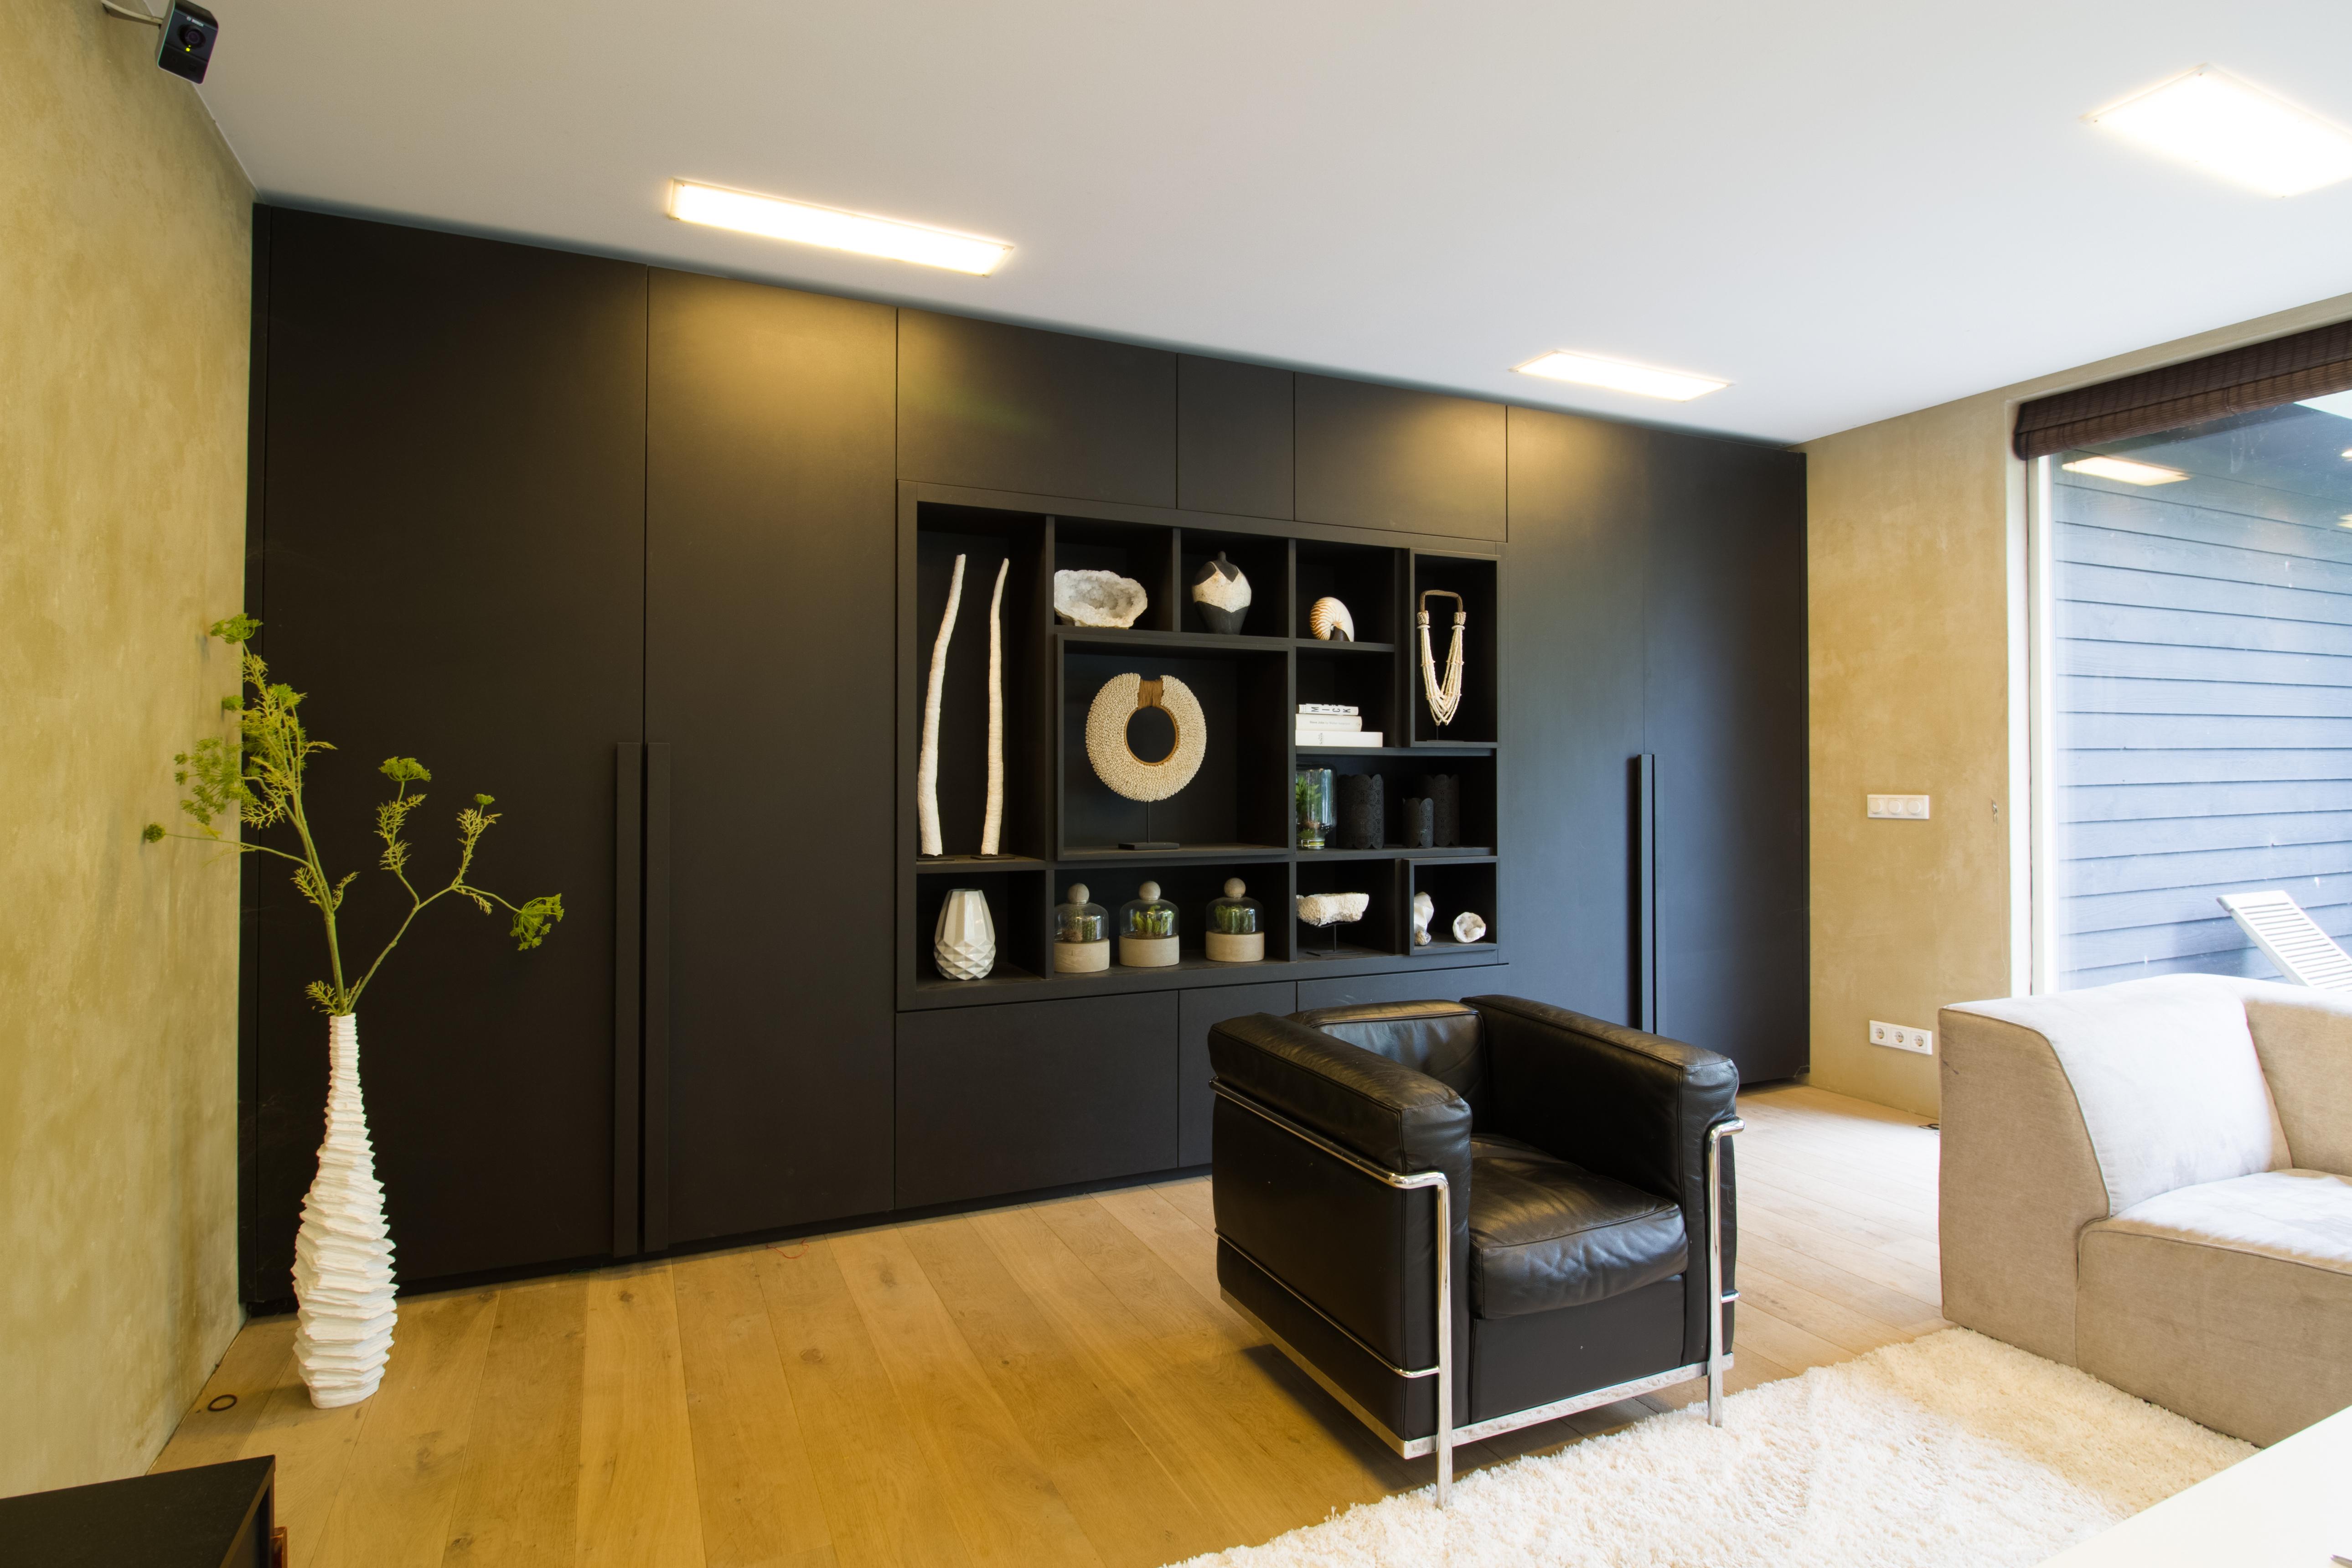 Kast En Room Divider In Een Hirsch Kasten Op Maat